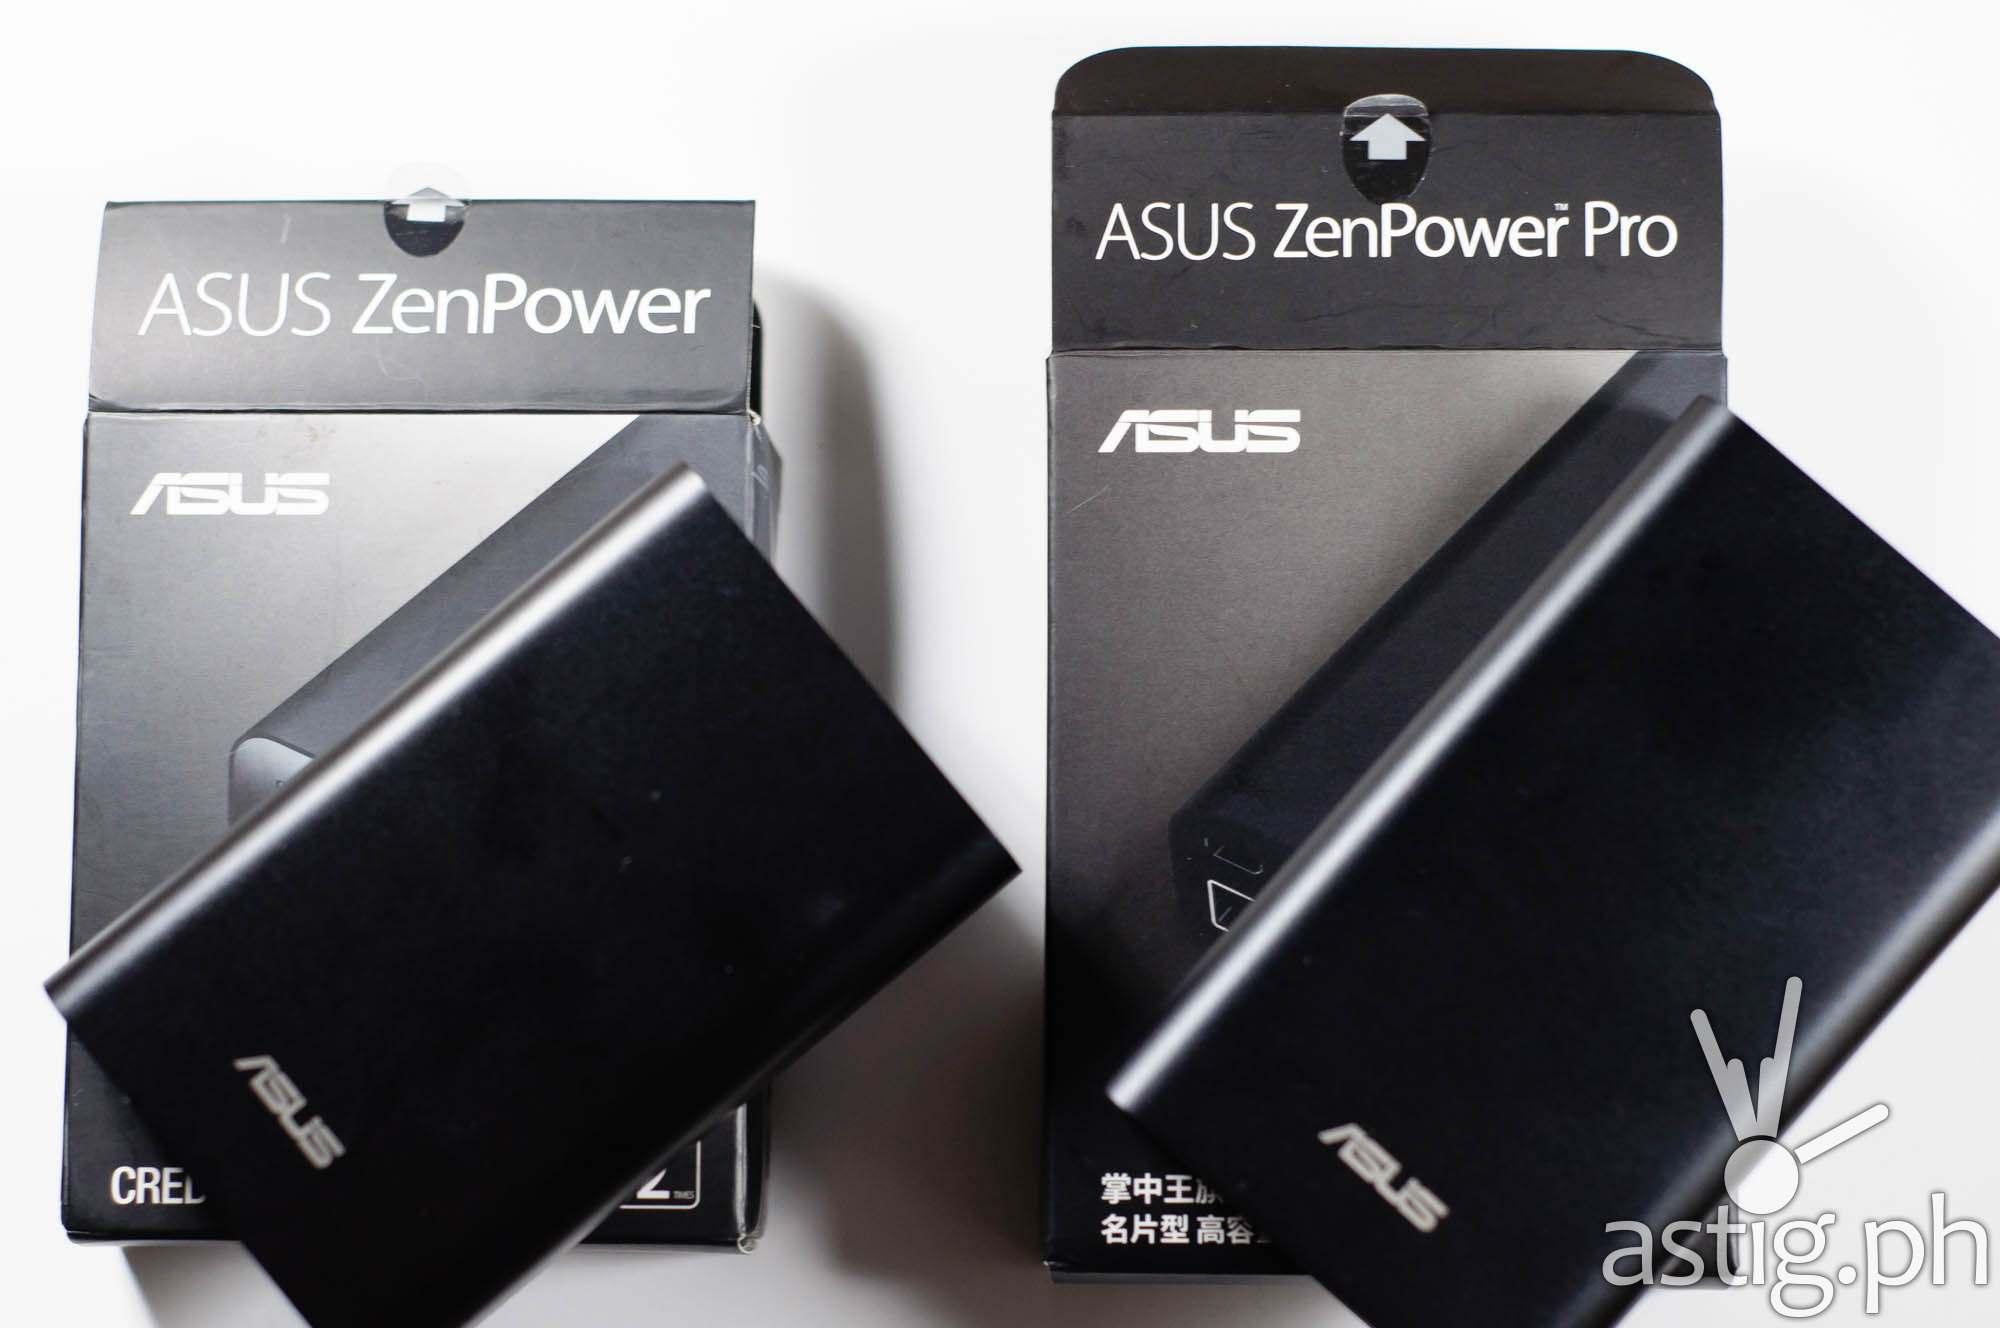 ASUS ZenPower Pro vs ASUS ZenPower